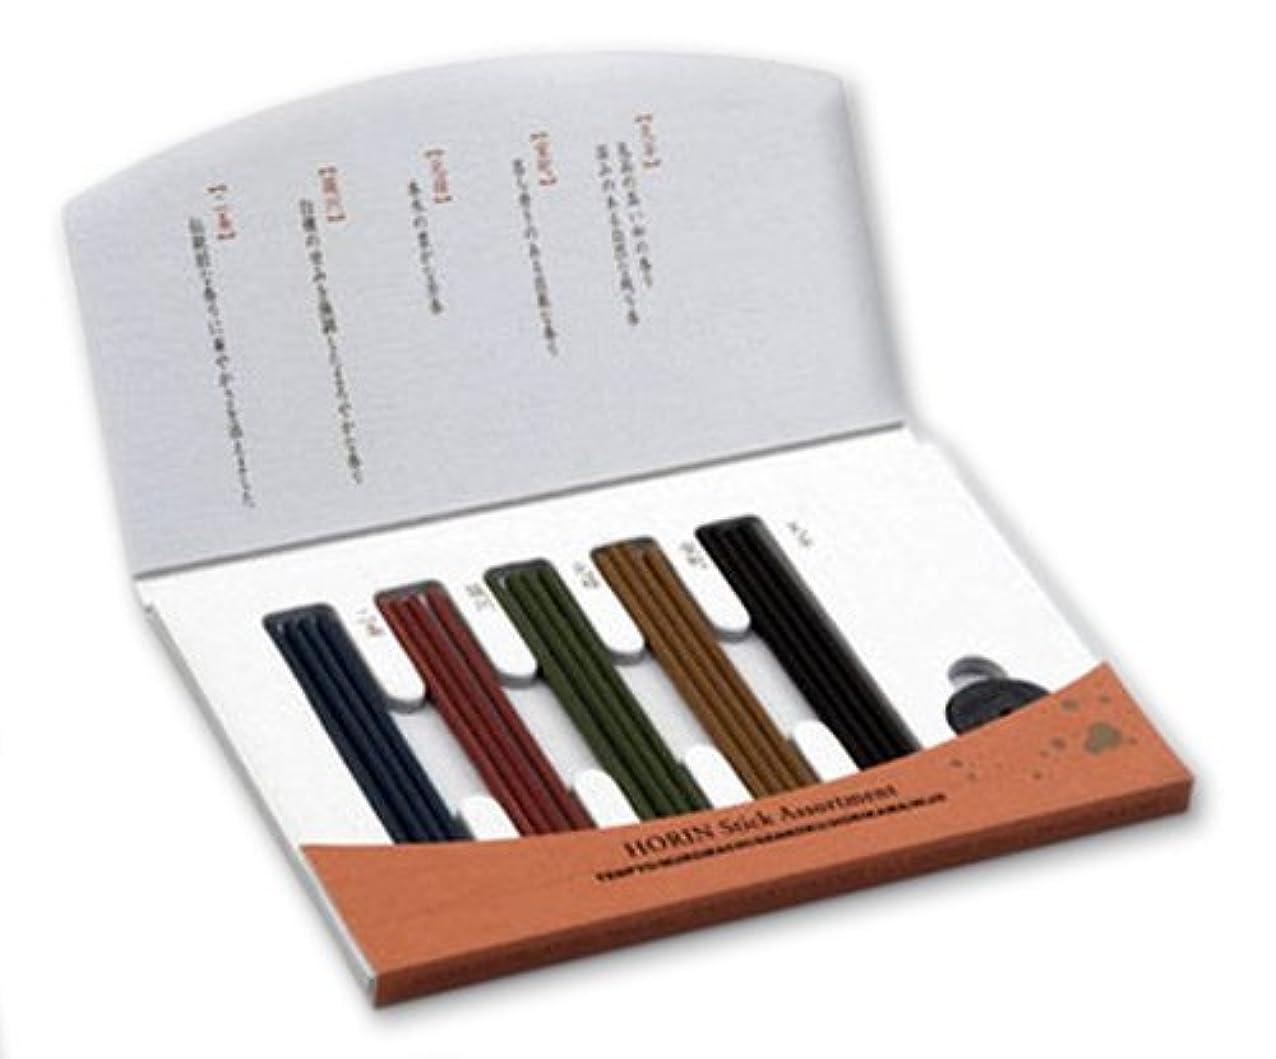 トランペット生きるいたずらShoyeido's Horin Incense Assortment - 20 Sticks, New.